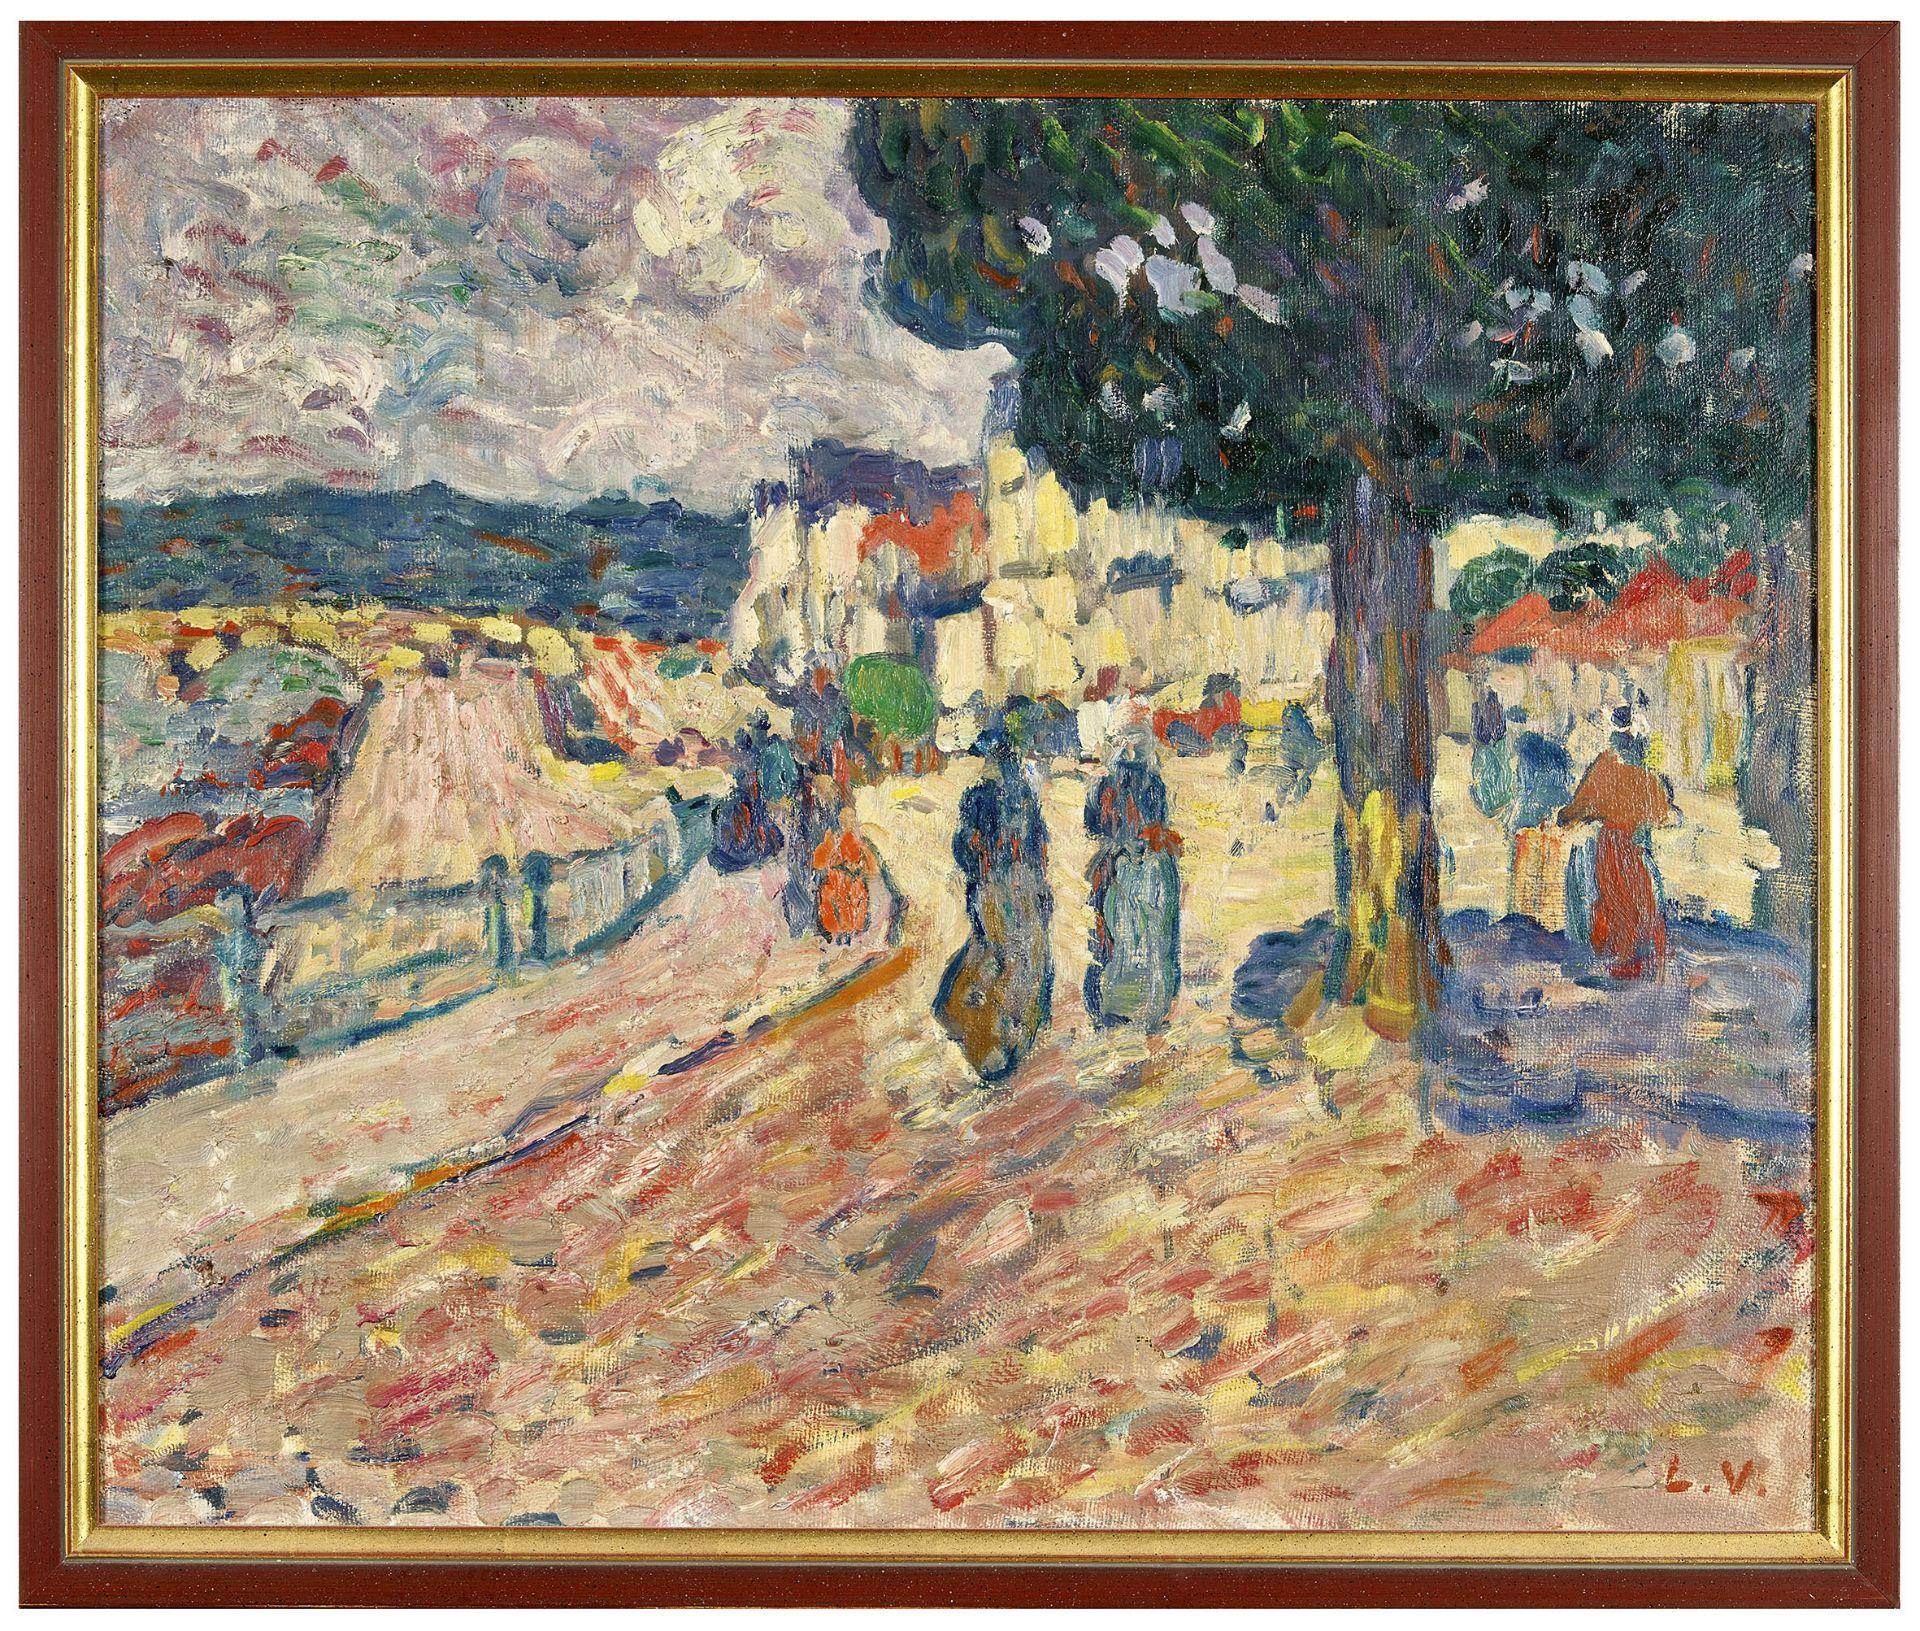 """VALTAT, LOUIS: """"Promeneuses au bord de l'eau, environs de Paris"""". - Image 2 of 6"""